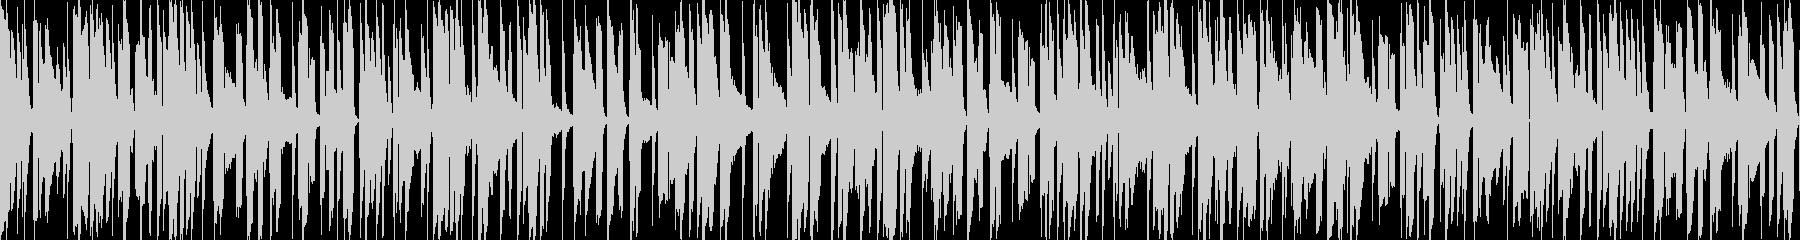 お洒落なチルアウトジャズ 落ち着くピアノの未再生の波形